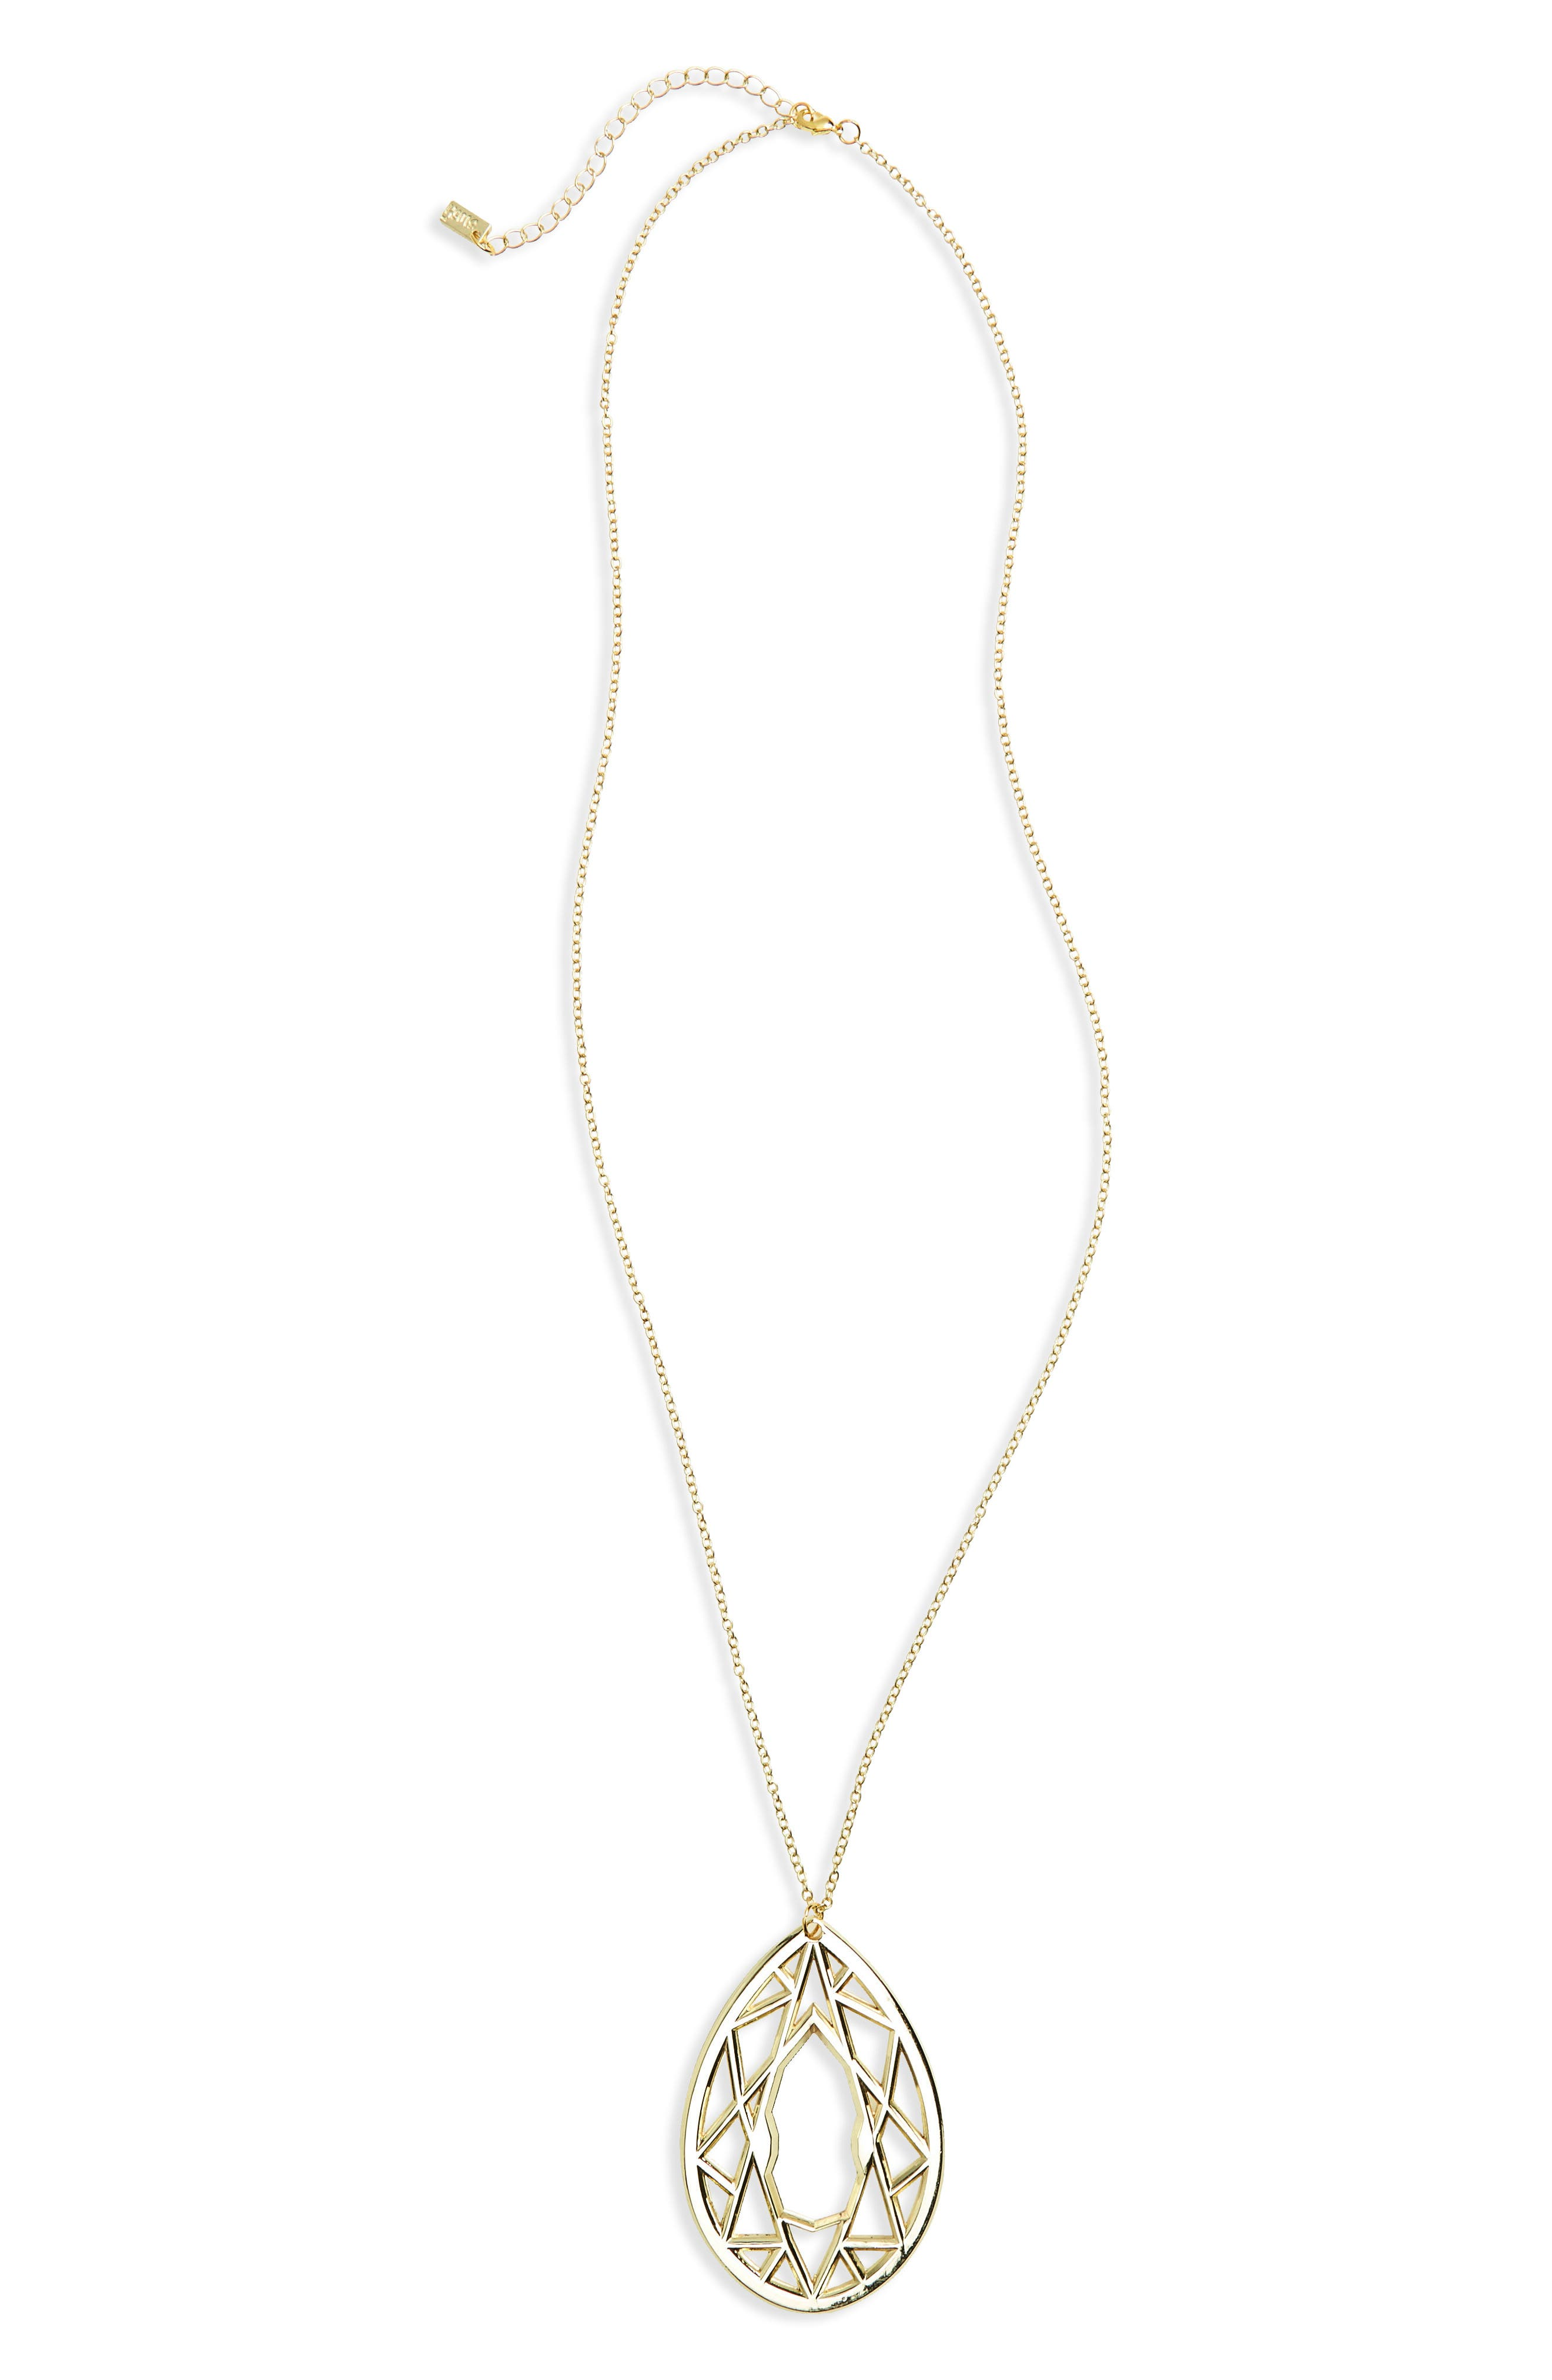 Gold Gem Bottle Opener Pendant Necklace,                             Main thumbnail 1, color,                             710